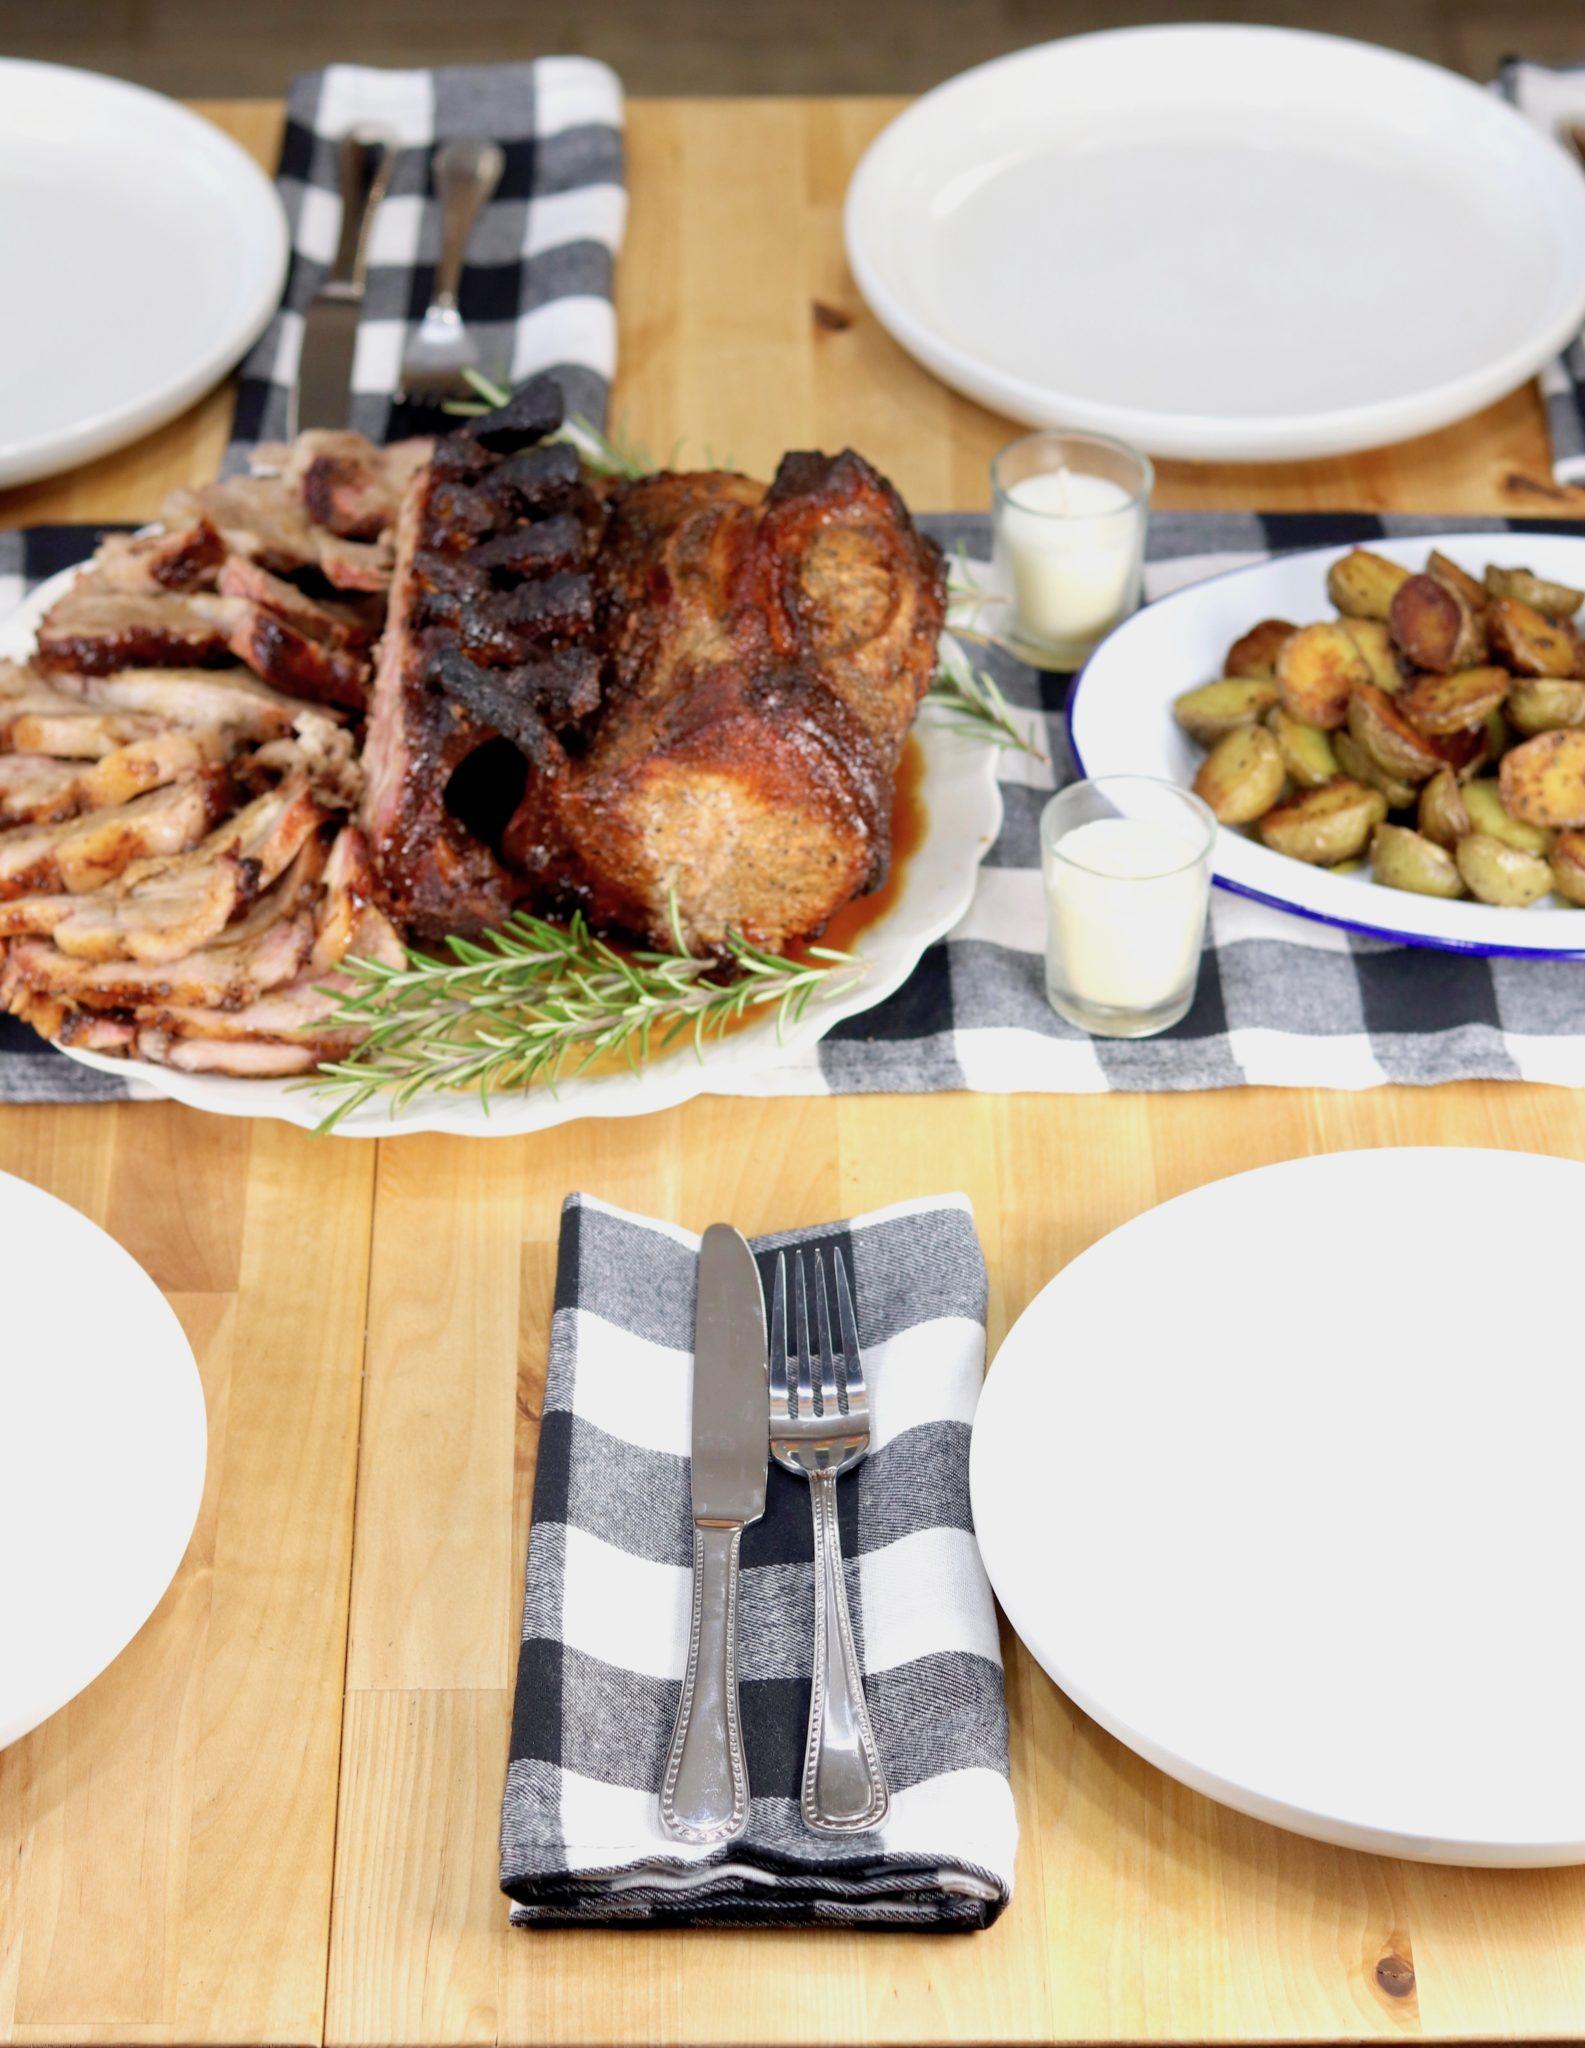 Dinner table with roast pork